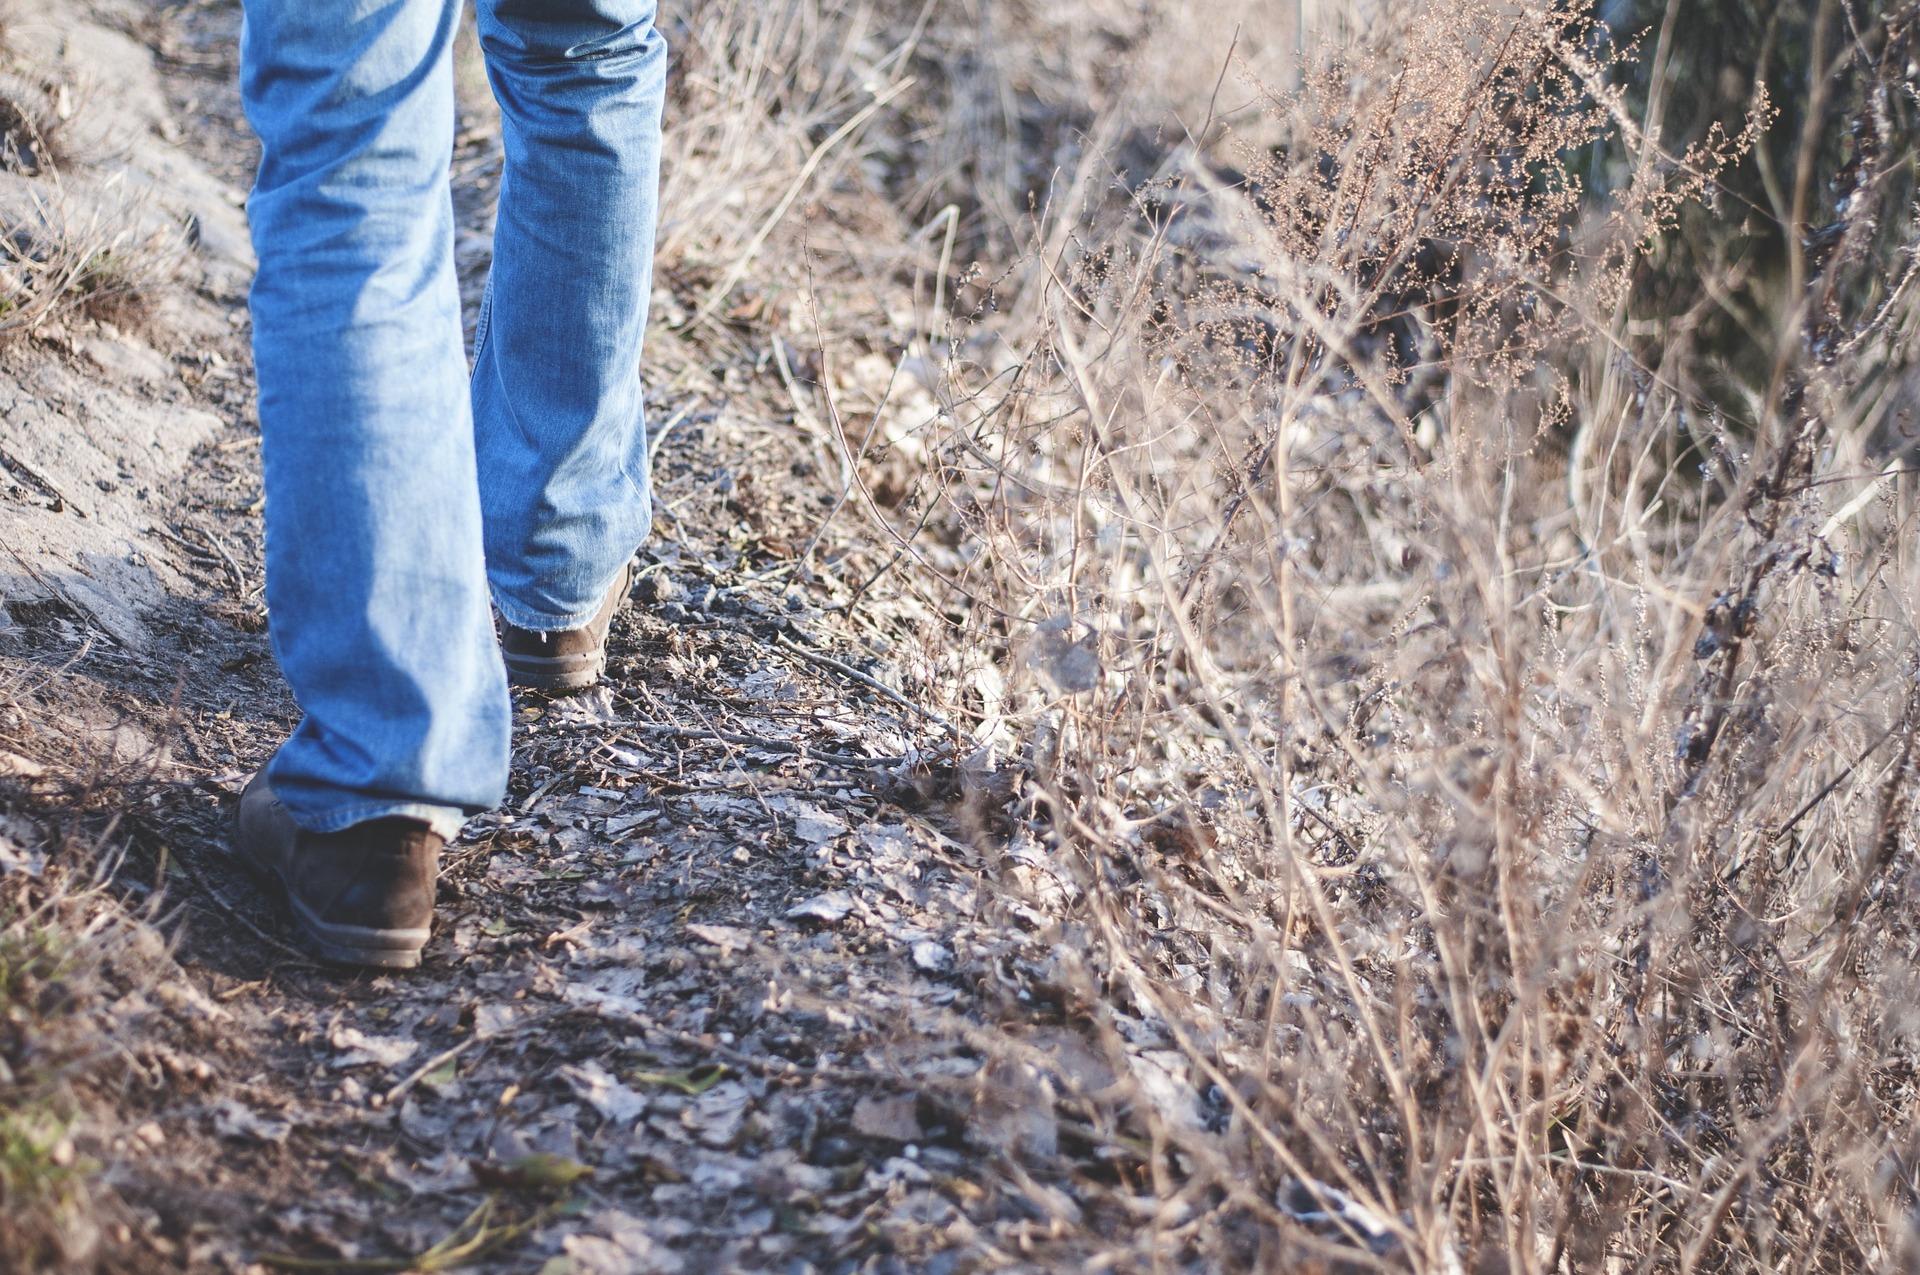 Des chaussures adaptées aux voyages